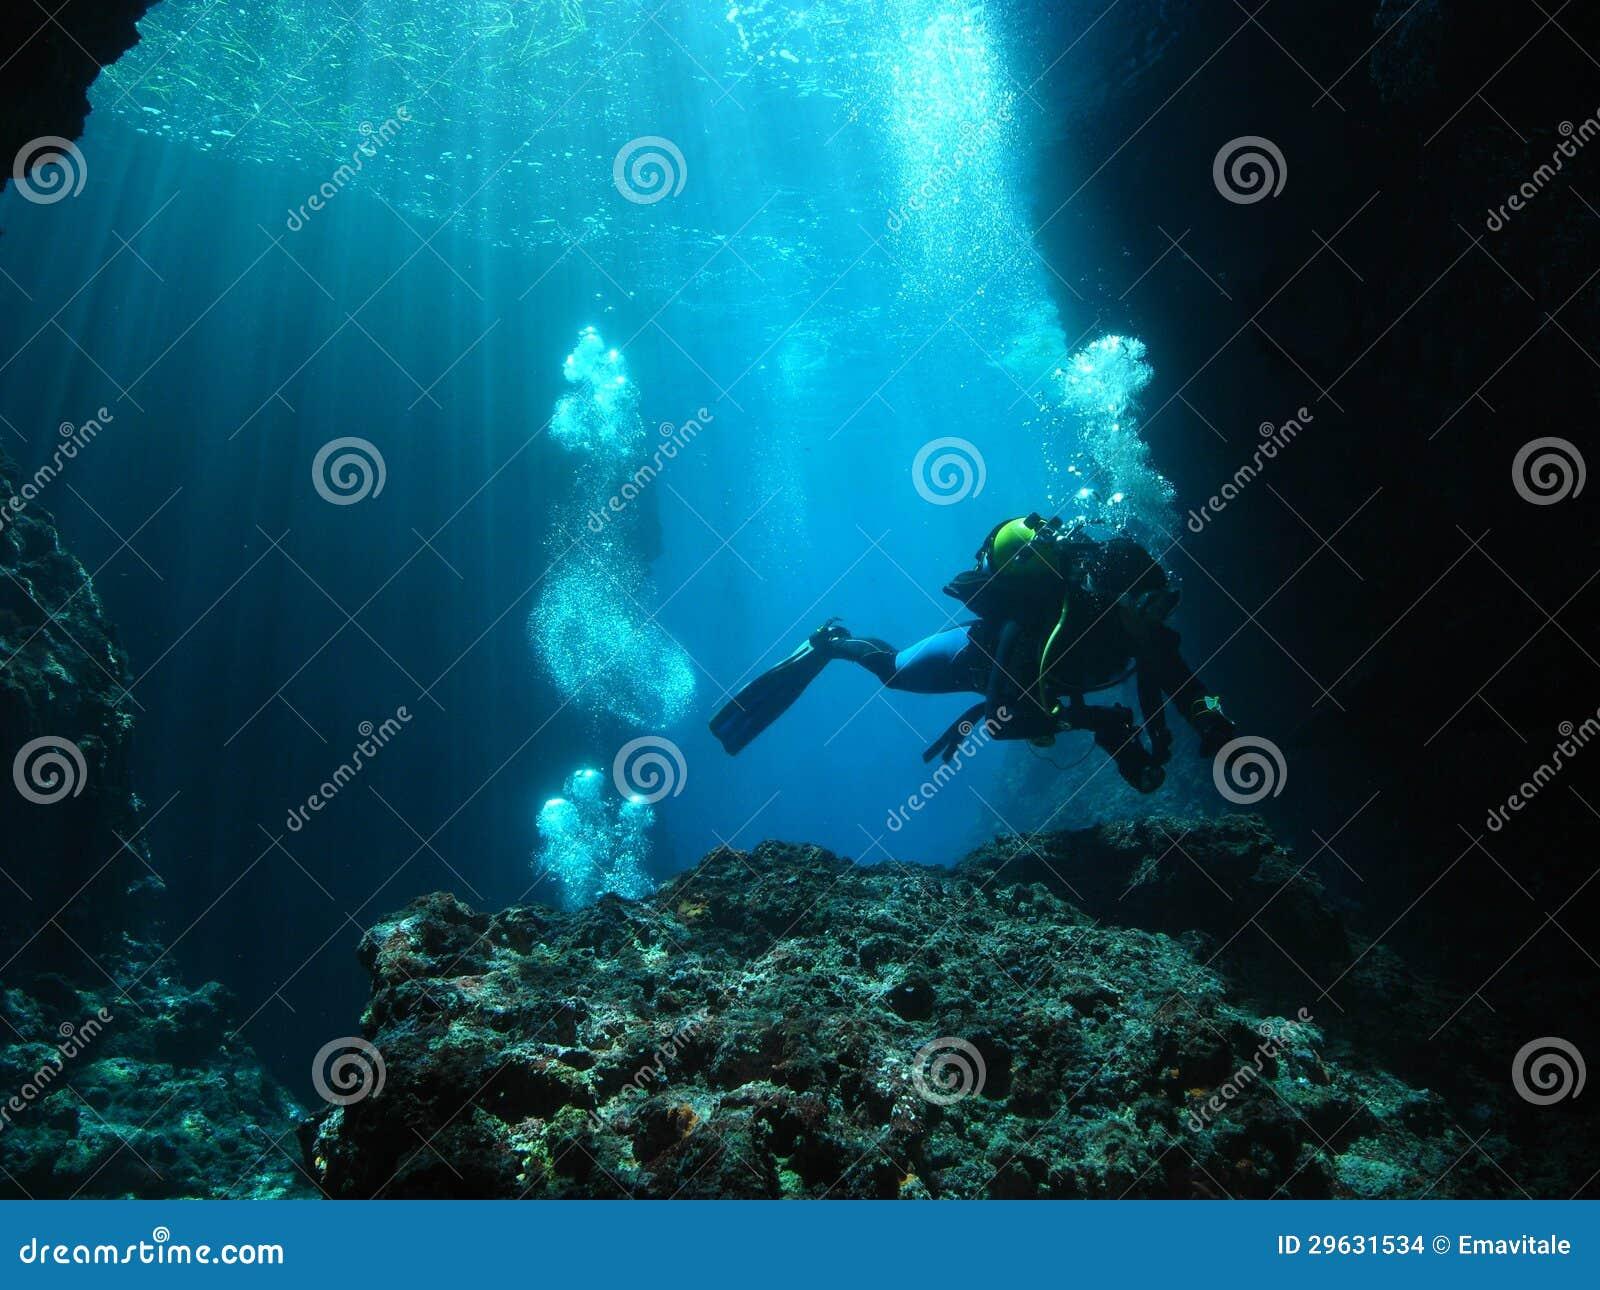 人水下的摄影师佩戴水肺的潜水洞